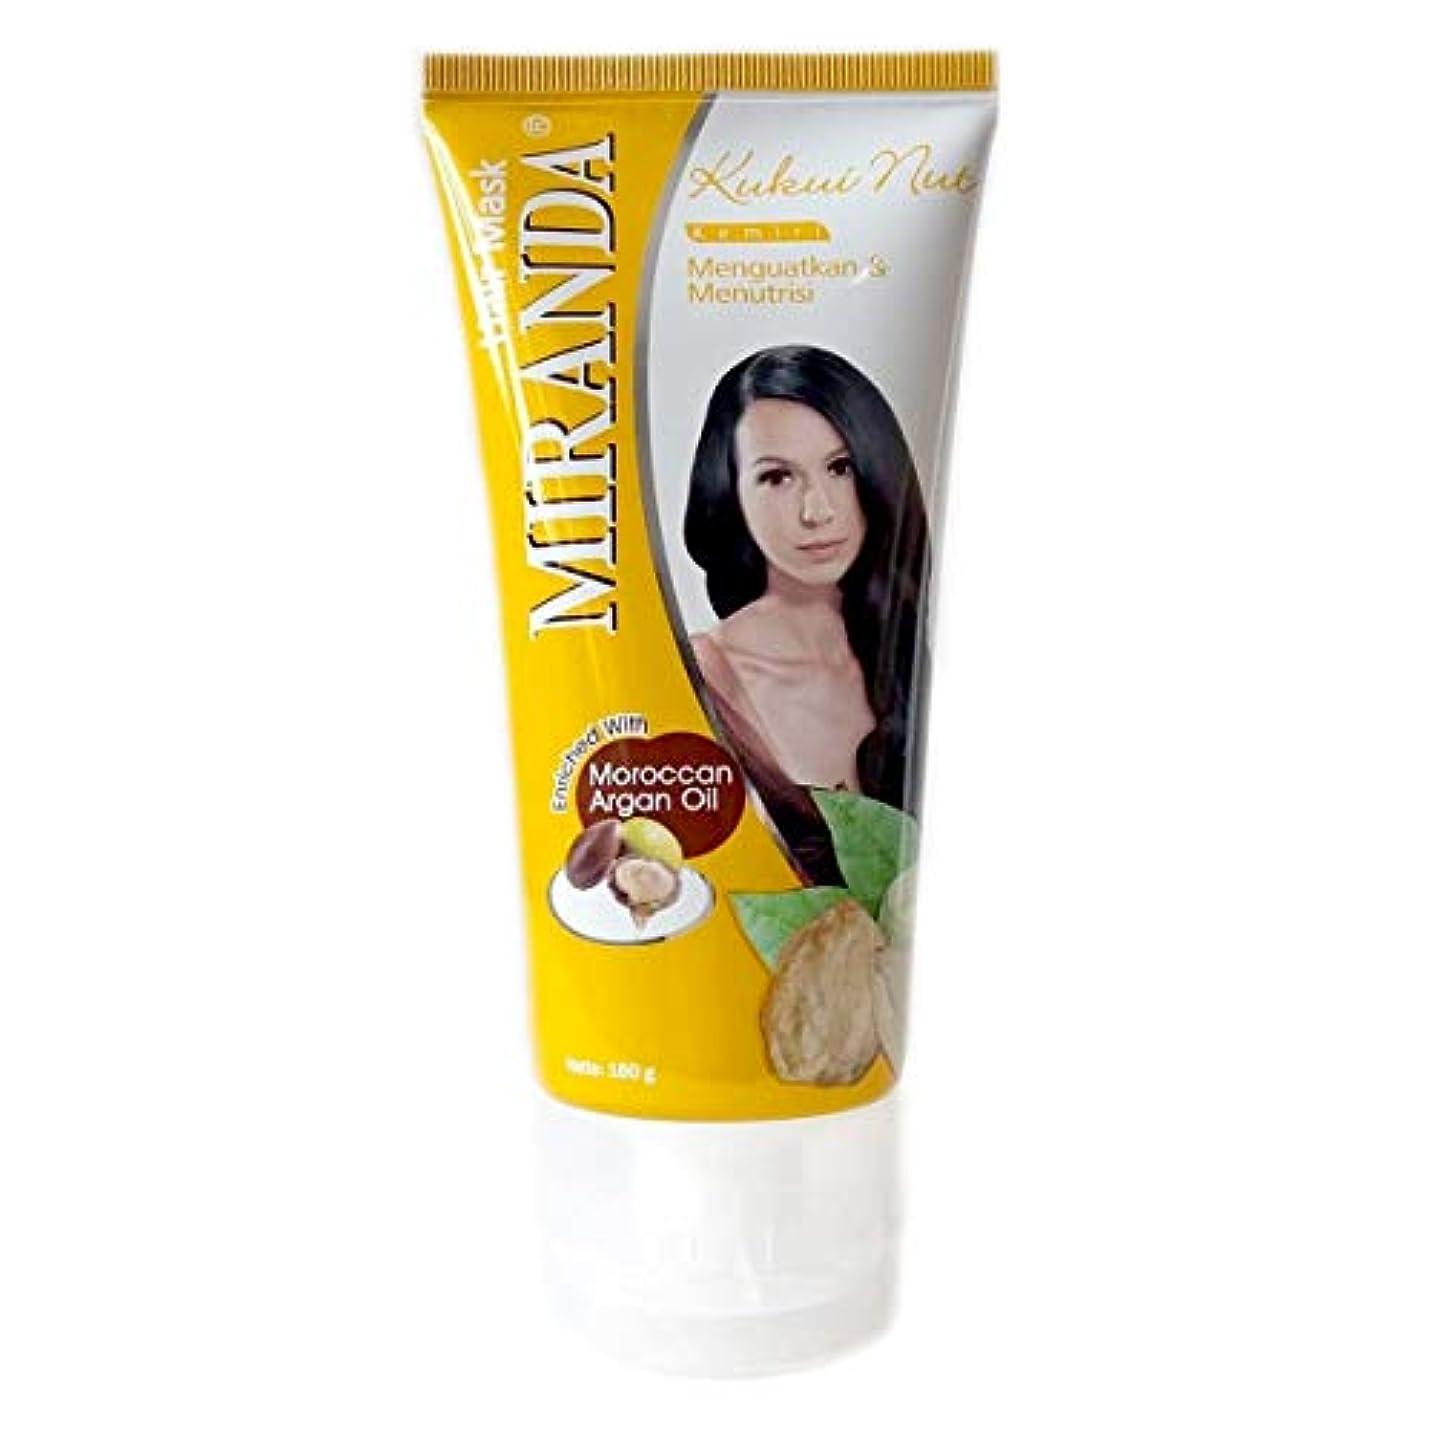 しなければならない何処方MIRANDA ミランダ Hair Mask ヘアマスク モロッカンアルガンオイル主成分のヘアトリートメント 160g Kukui nut クミリ [海外直送品]